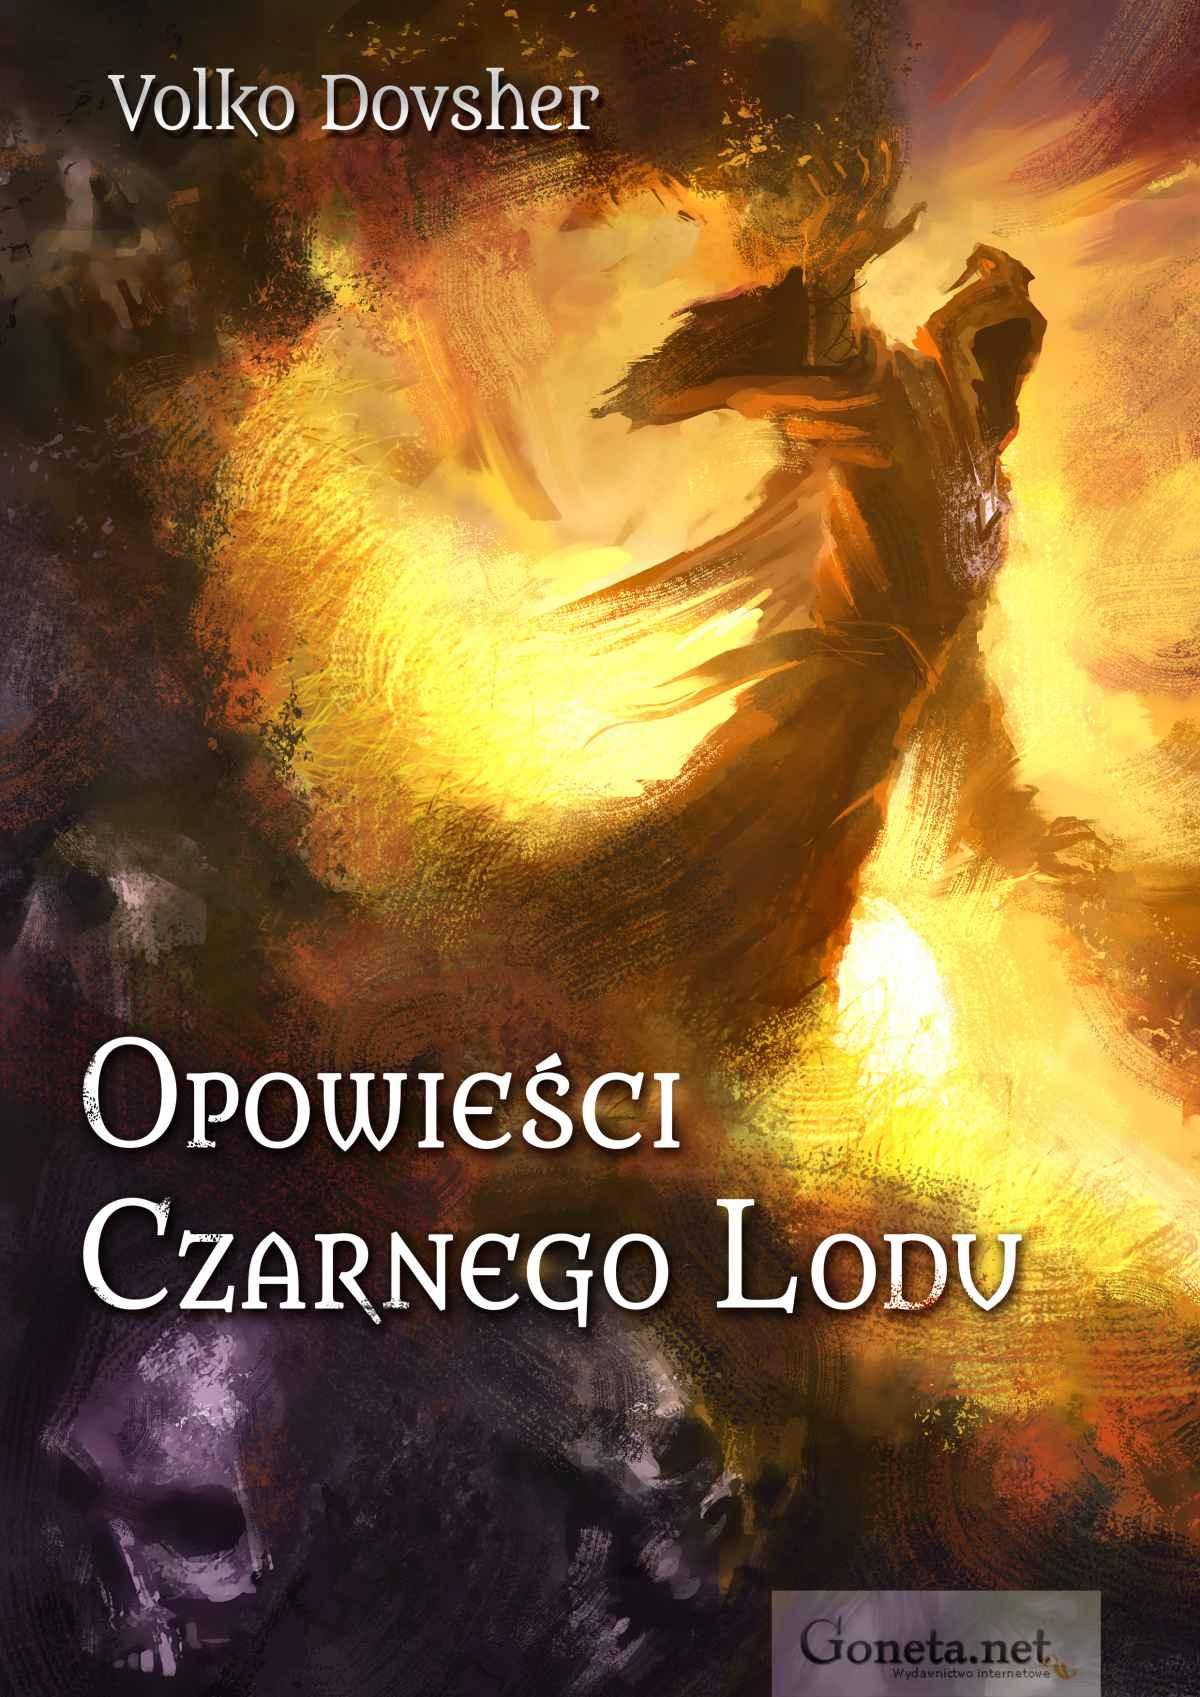 Opowieści Czarnego Lodu - Volko Dovsher